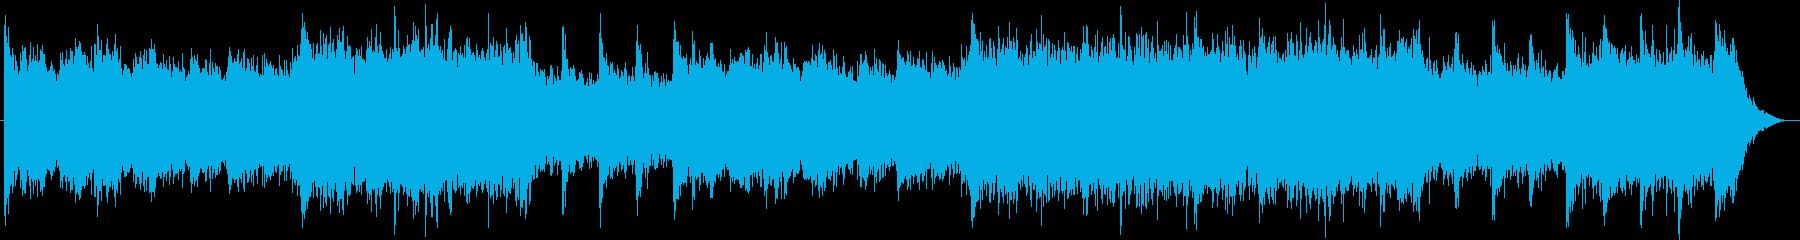 神秘的なシンセサイザーのミュージックの再生済みの波形